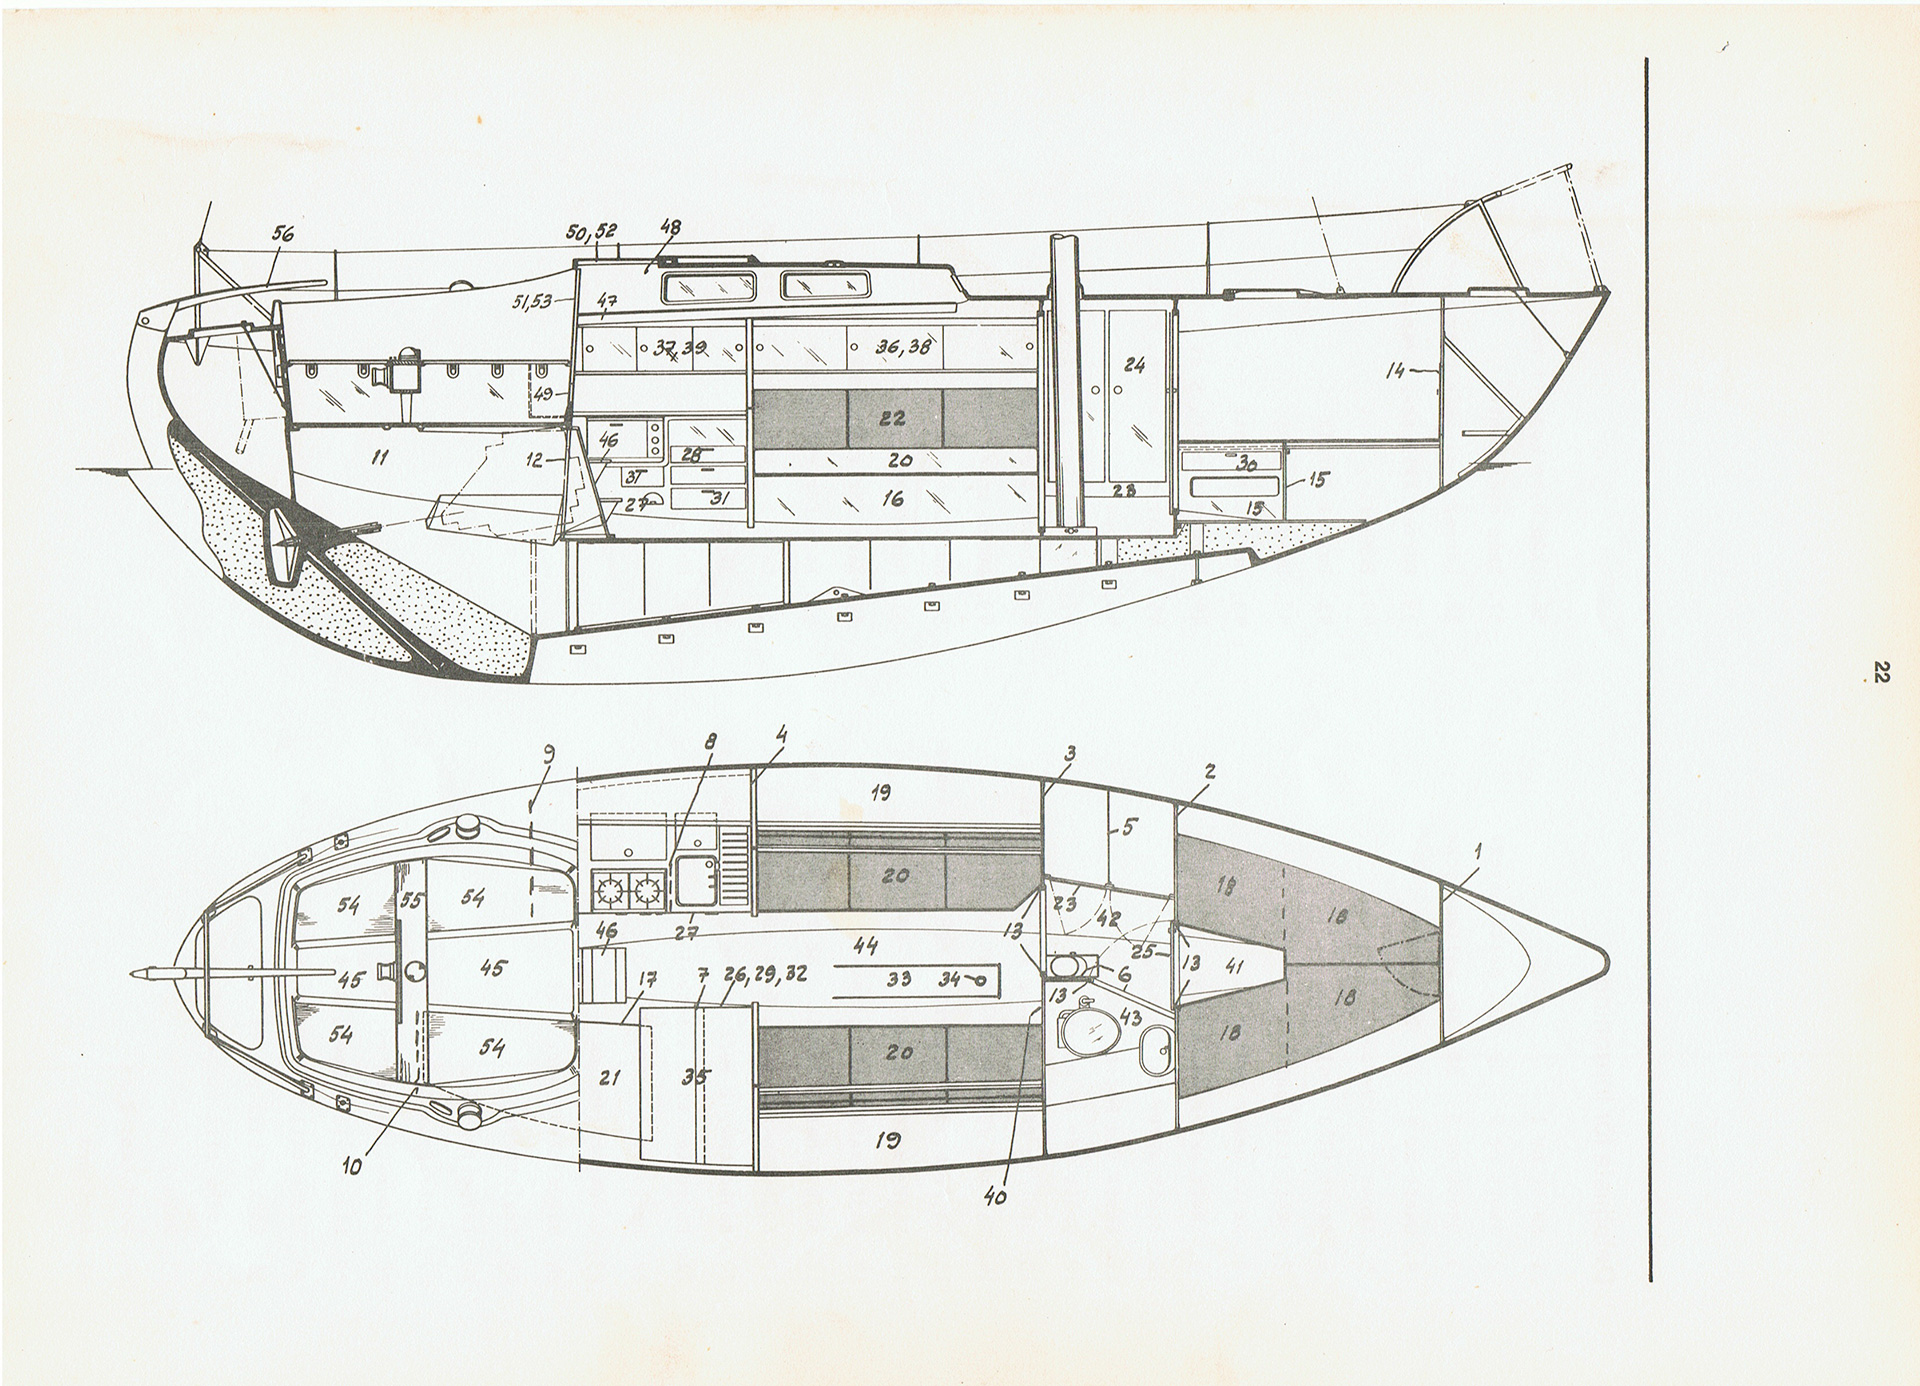 Auszüge aus dem Original-Handbuch der Laurin Koster L32